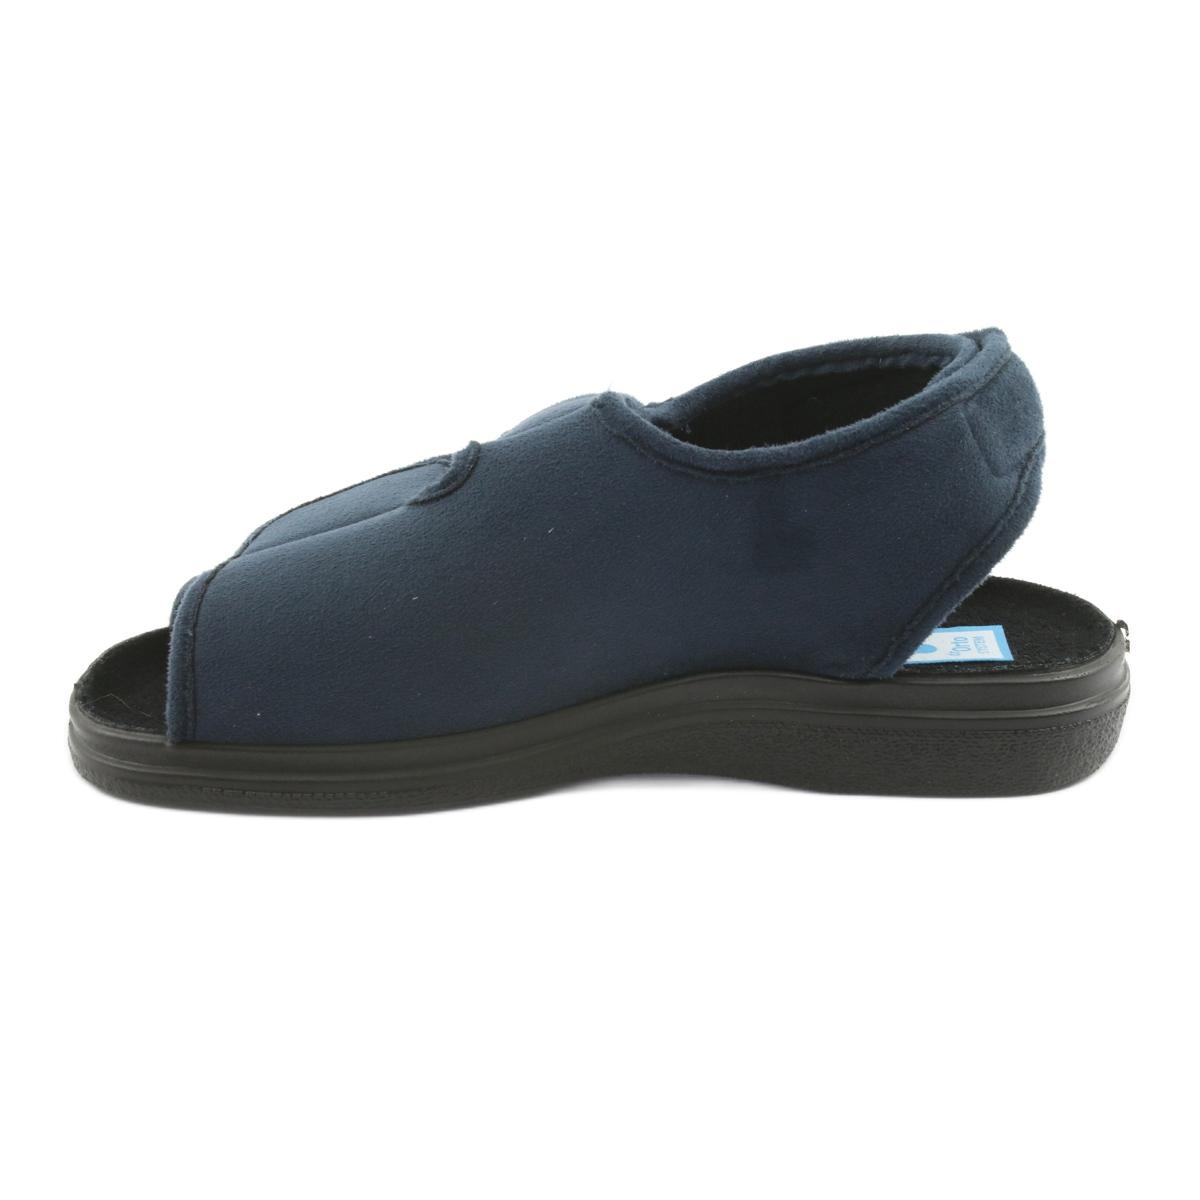 Befado 676D003 donna pu scarpe donna da da ciglione.it